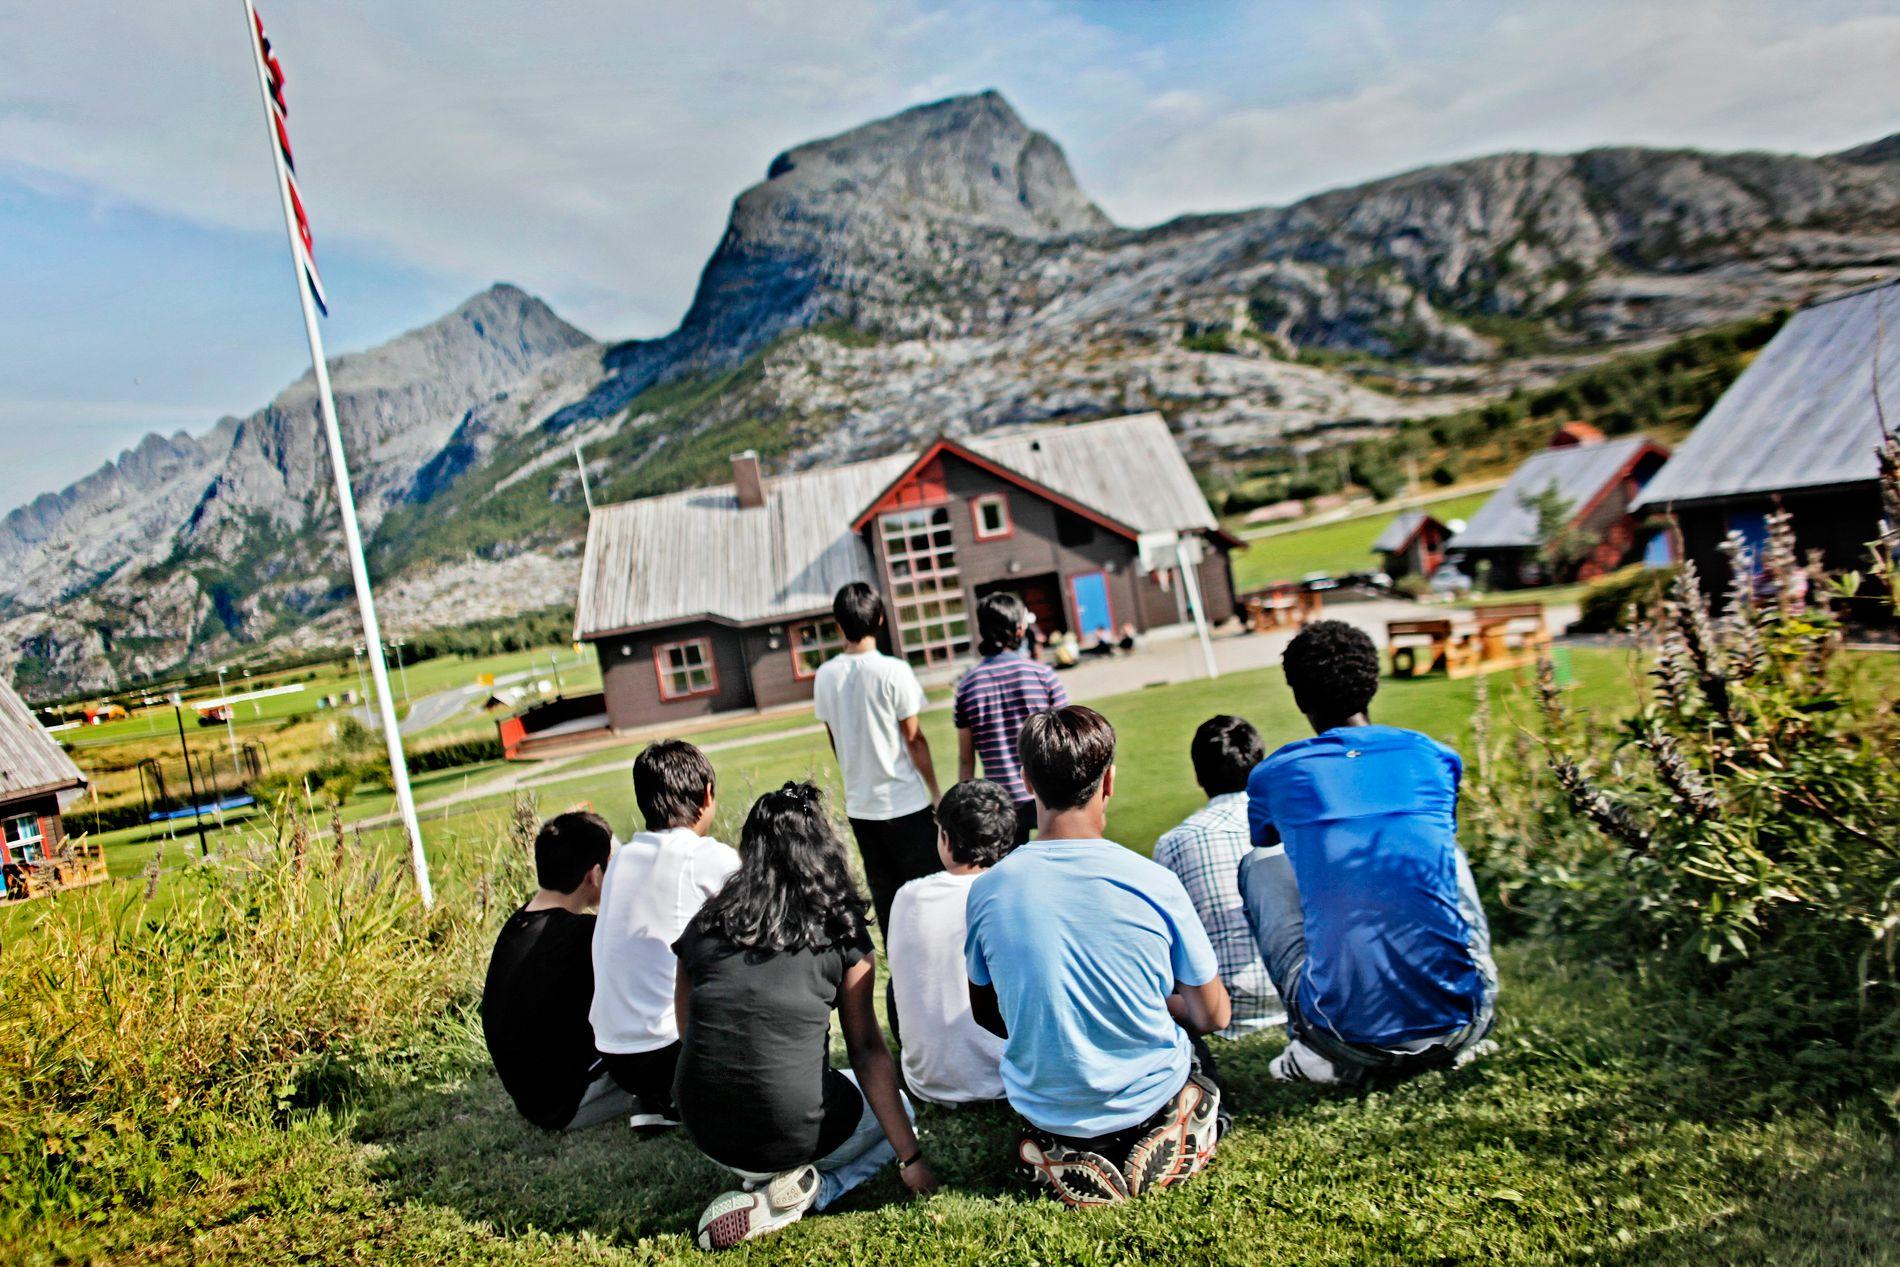 LØNNSOMT: – Et bedre omsorgstilbud til enslige flyktningbarn over 15 år vil ikke bare forhindre at Norge bryter barnekonvensjon, det vil antakelig også være lønnsomt på sikt i et helhetlig samfunnsperspektiv, skriver kronikkforfatterne.